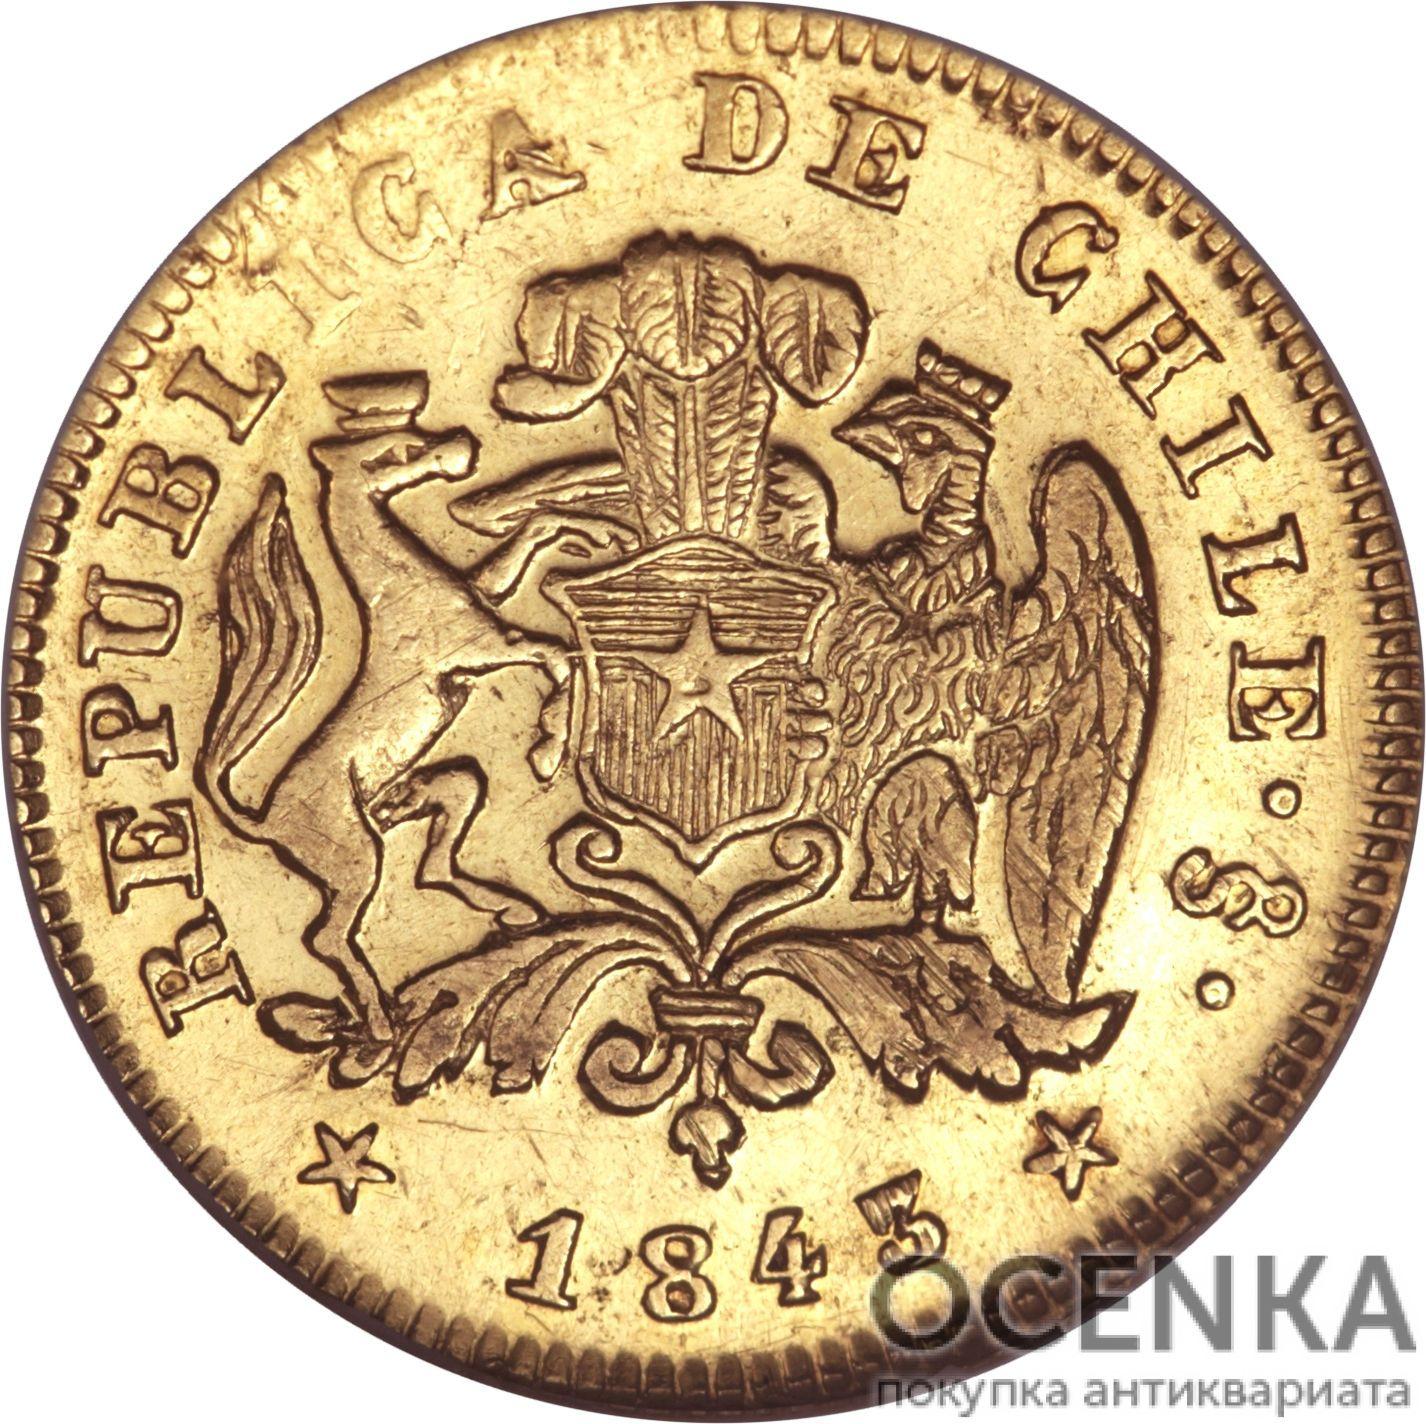 Золотая монета 1 Эскудо (1 Escudo) Чили - 7